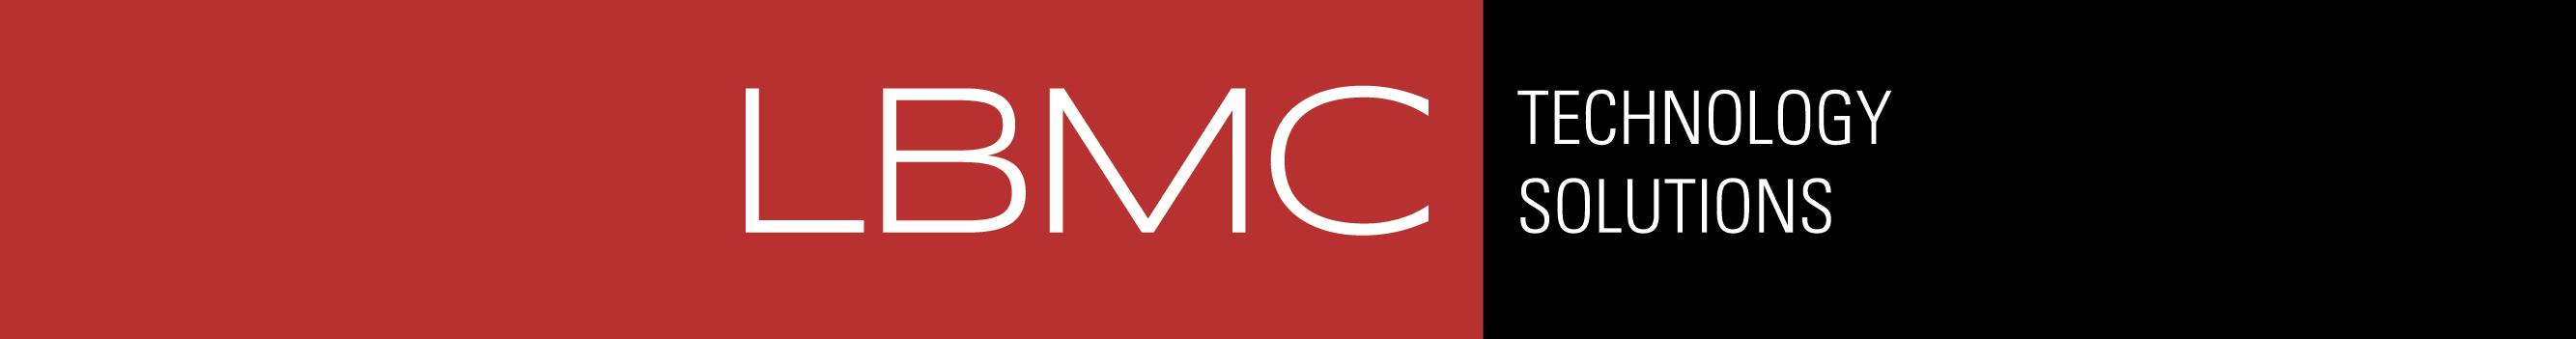 LBMCTech Logo Header